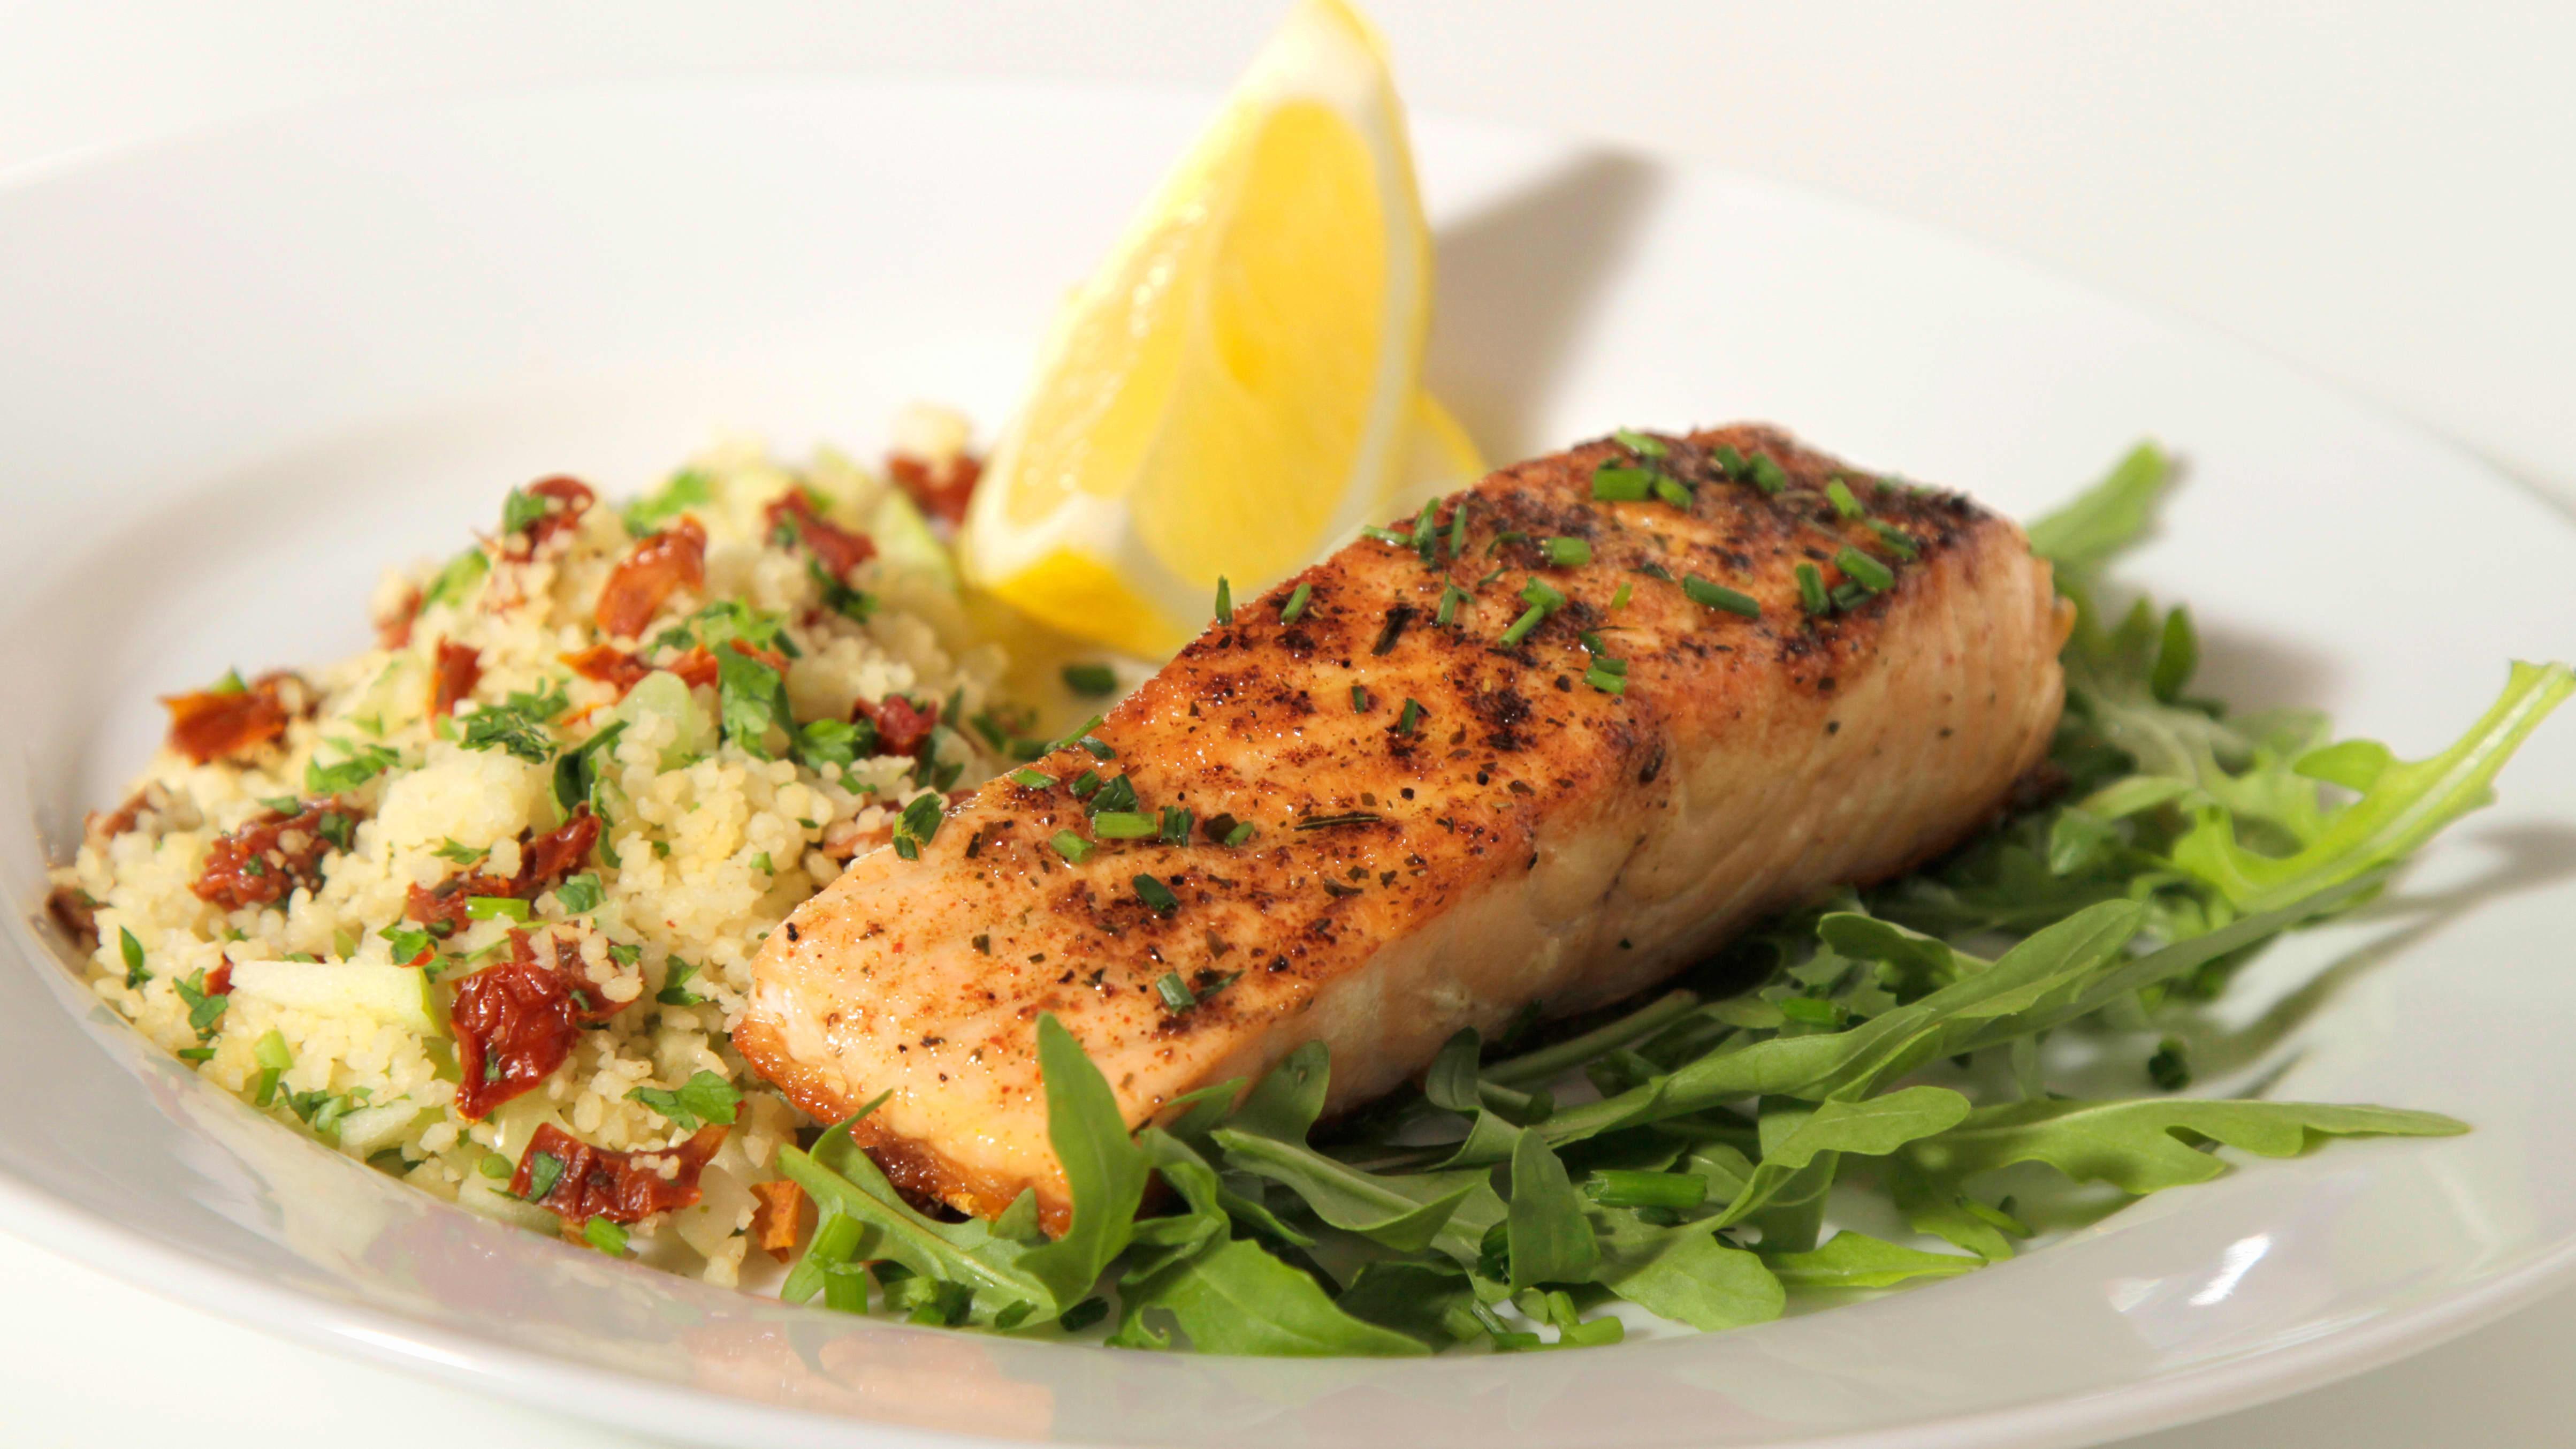 Ifølge de kostrådene bør vi spise fisk to til tre ganger i uken. Bruk gjerne fisk som pålegg også.